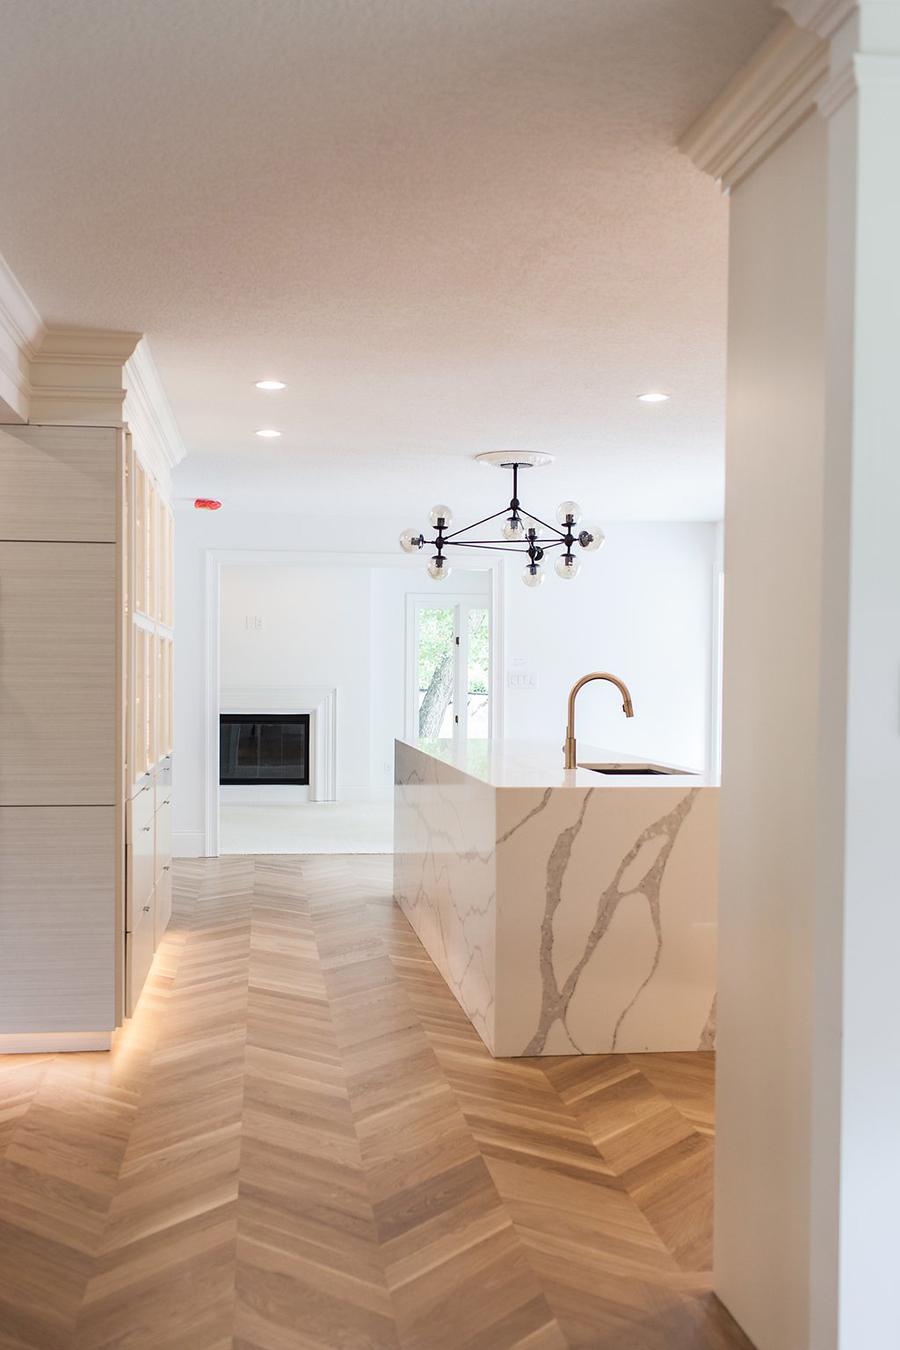 En esta cocina hay varios puntos de iluminación, bajo los muebles, en el techo y una gran lámpara decorativa.